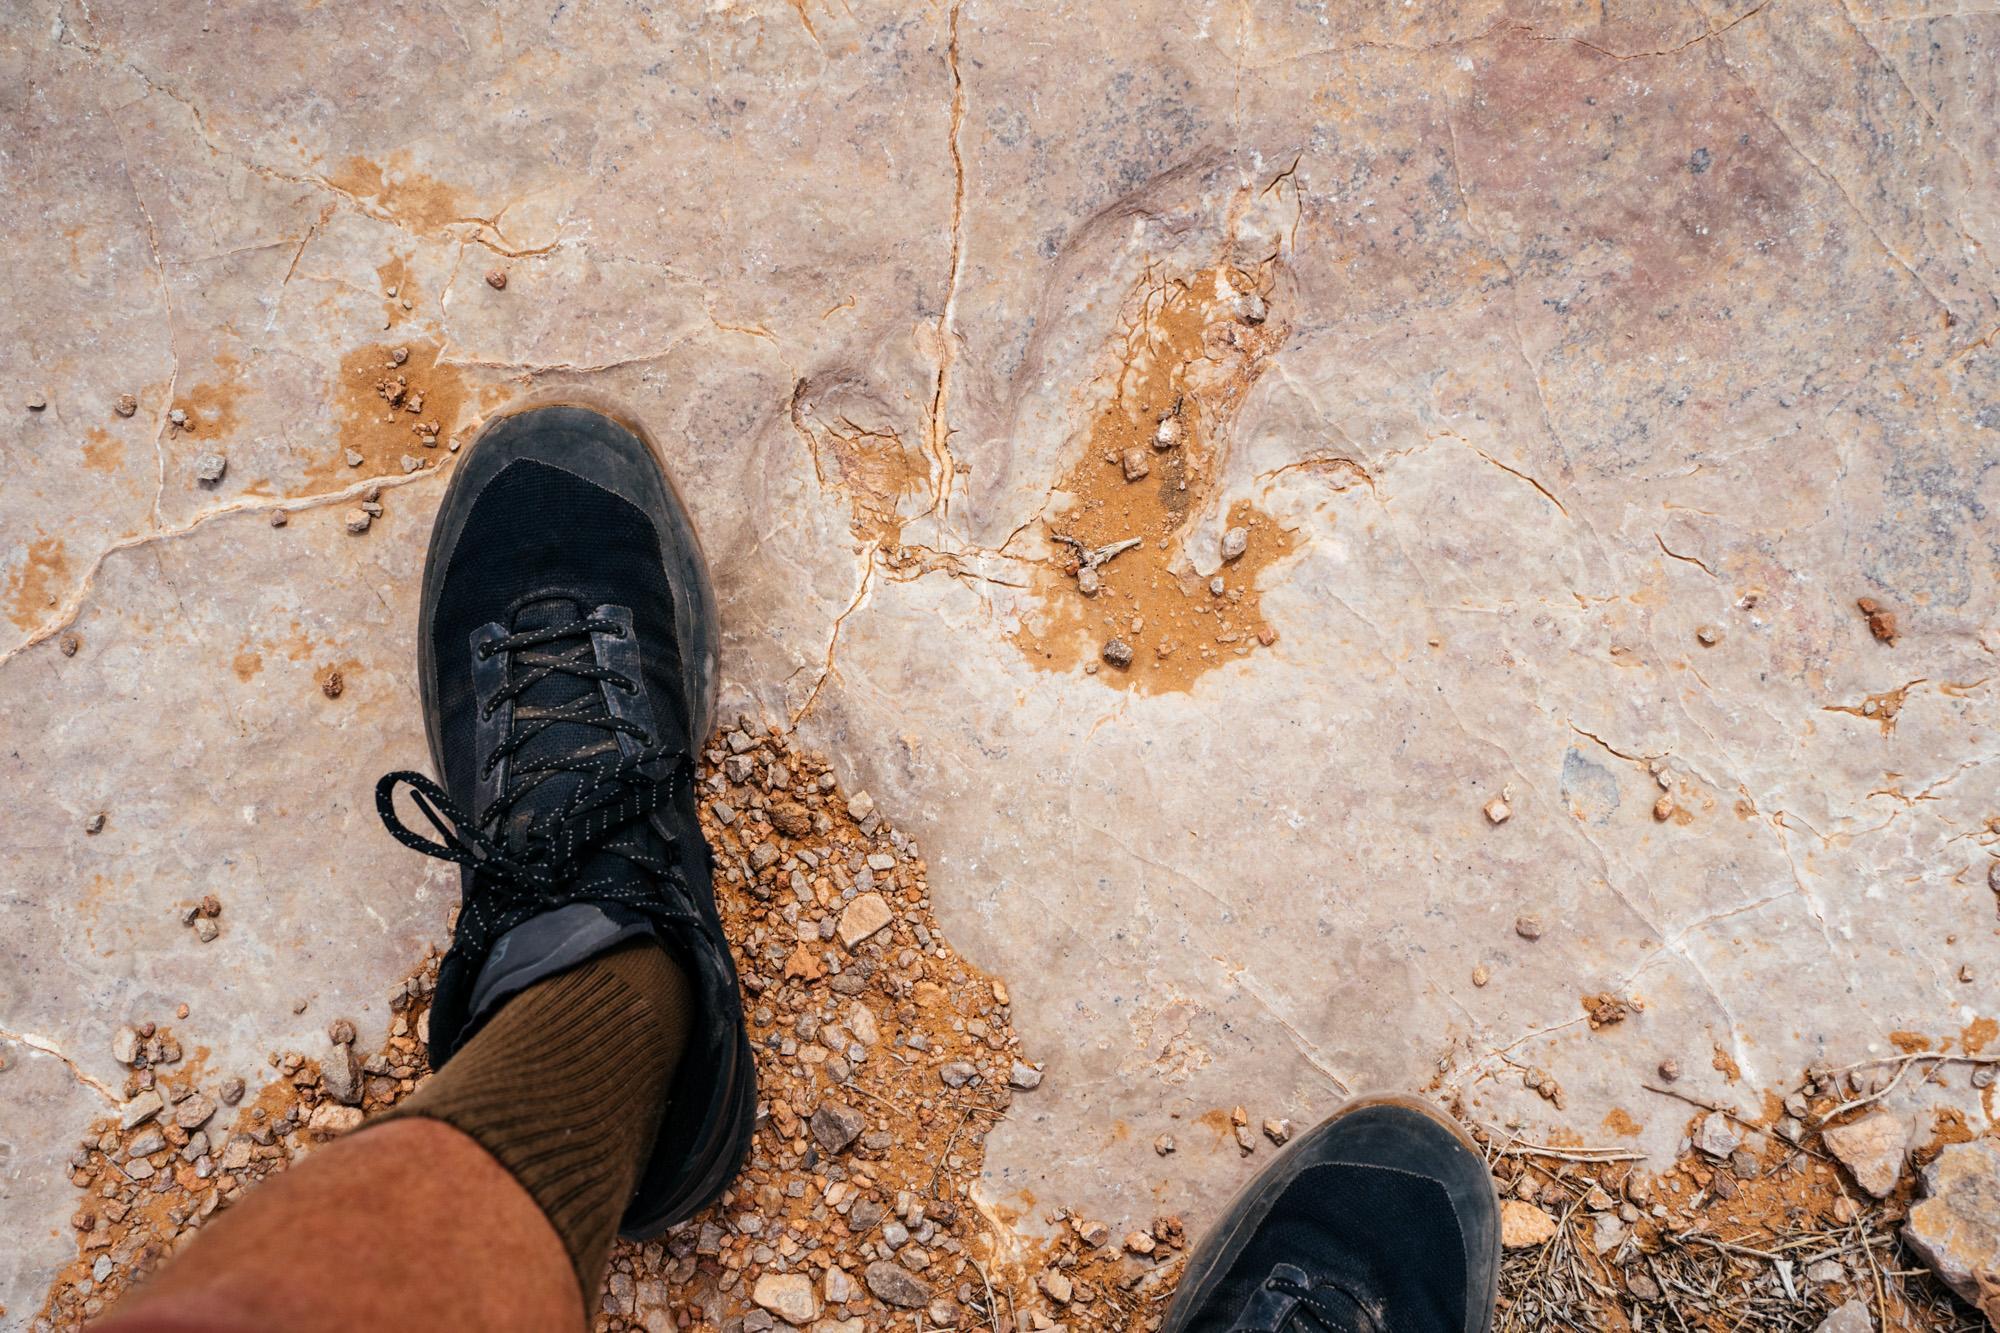 Dinosaur footprint